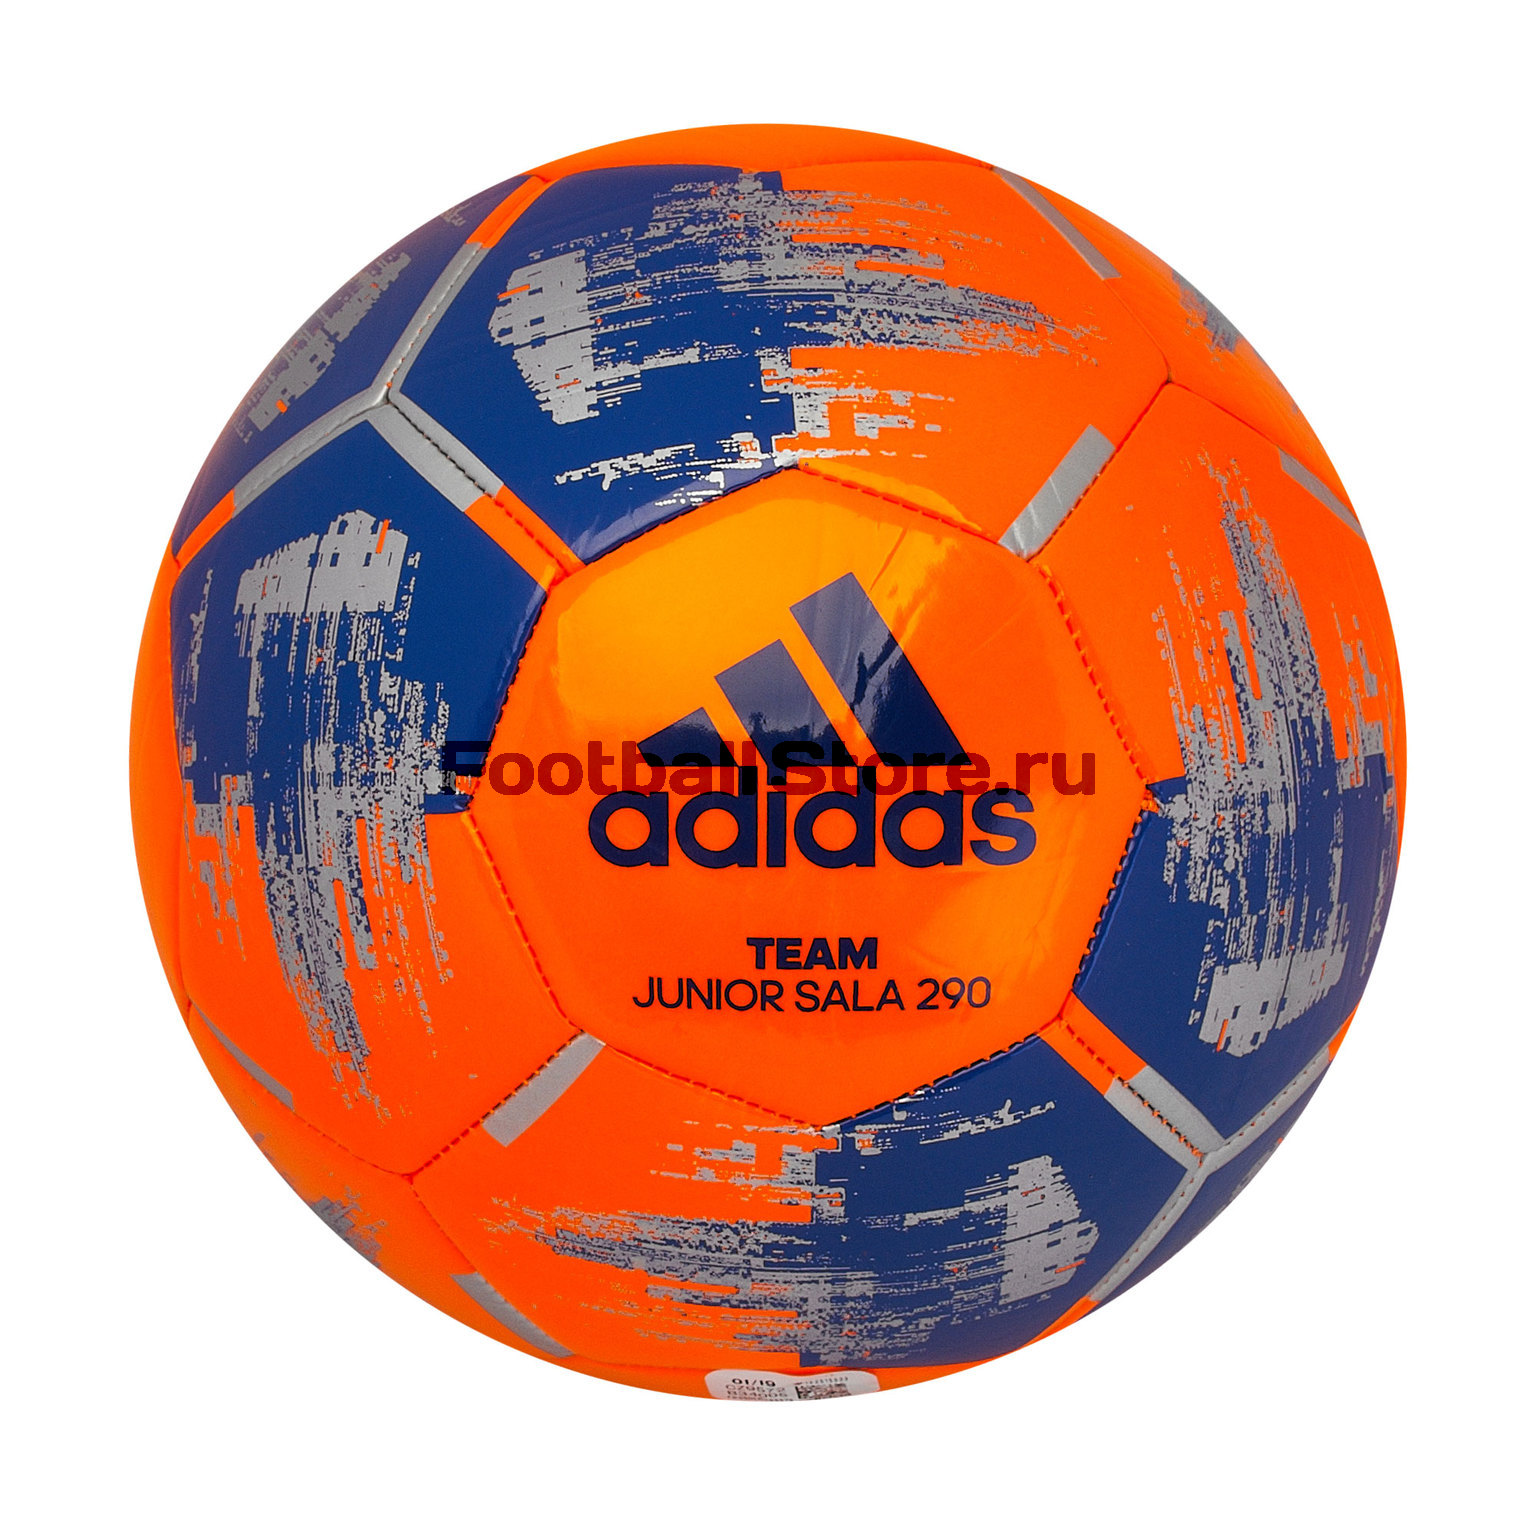 Футзальный мяч Adidas Team JS290 CZ9572